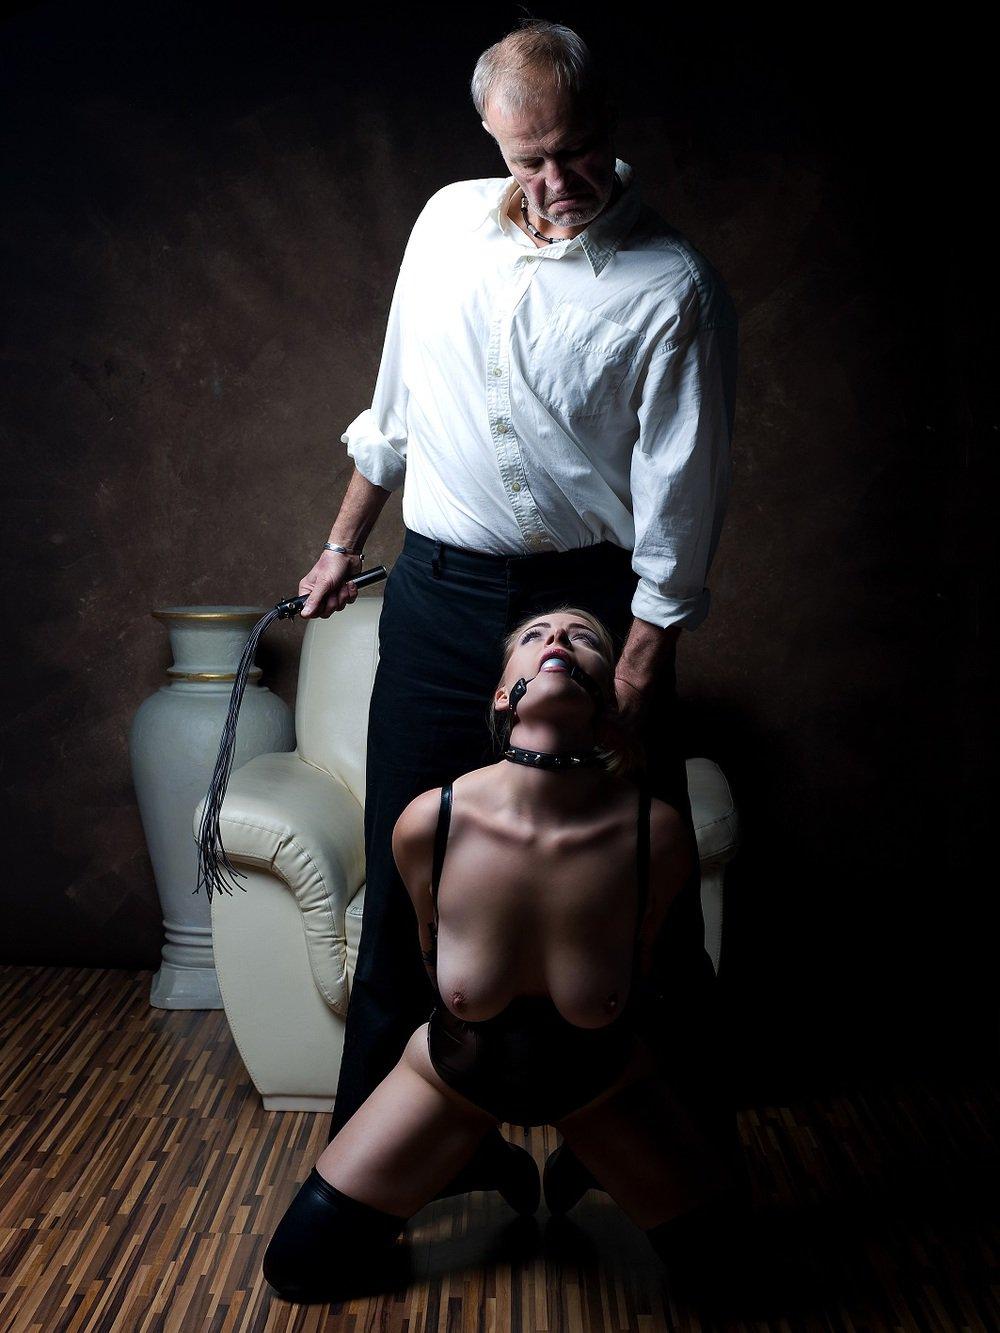 сидел берегу рабыня бдсм и господин фото делает ему